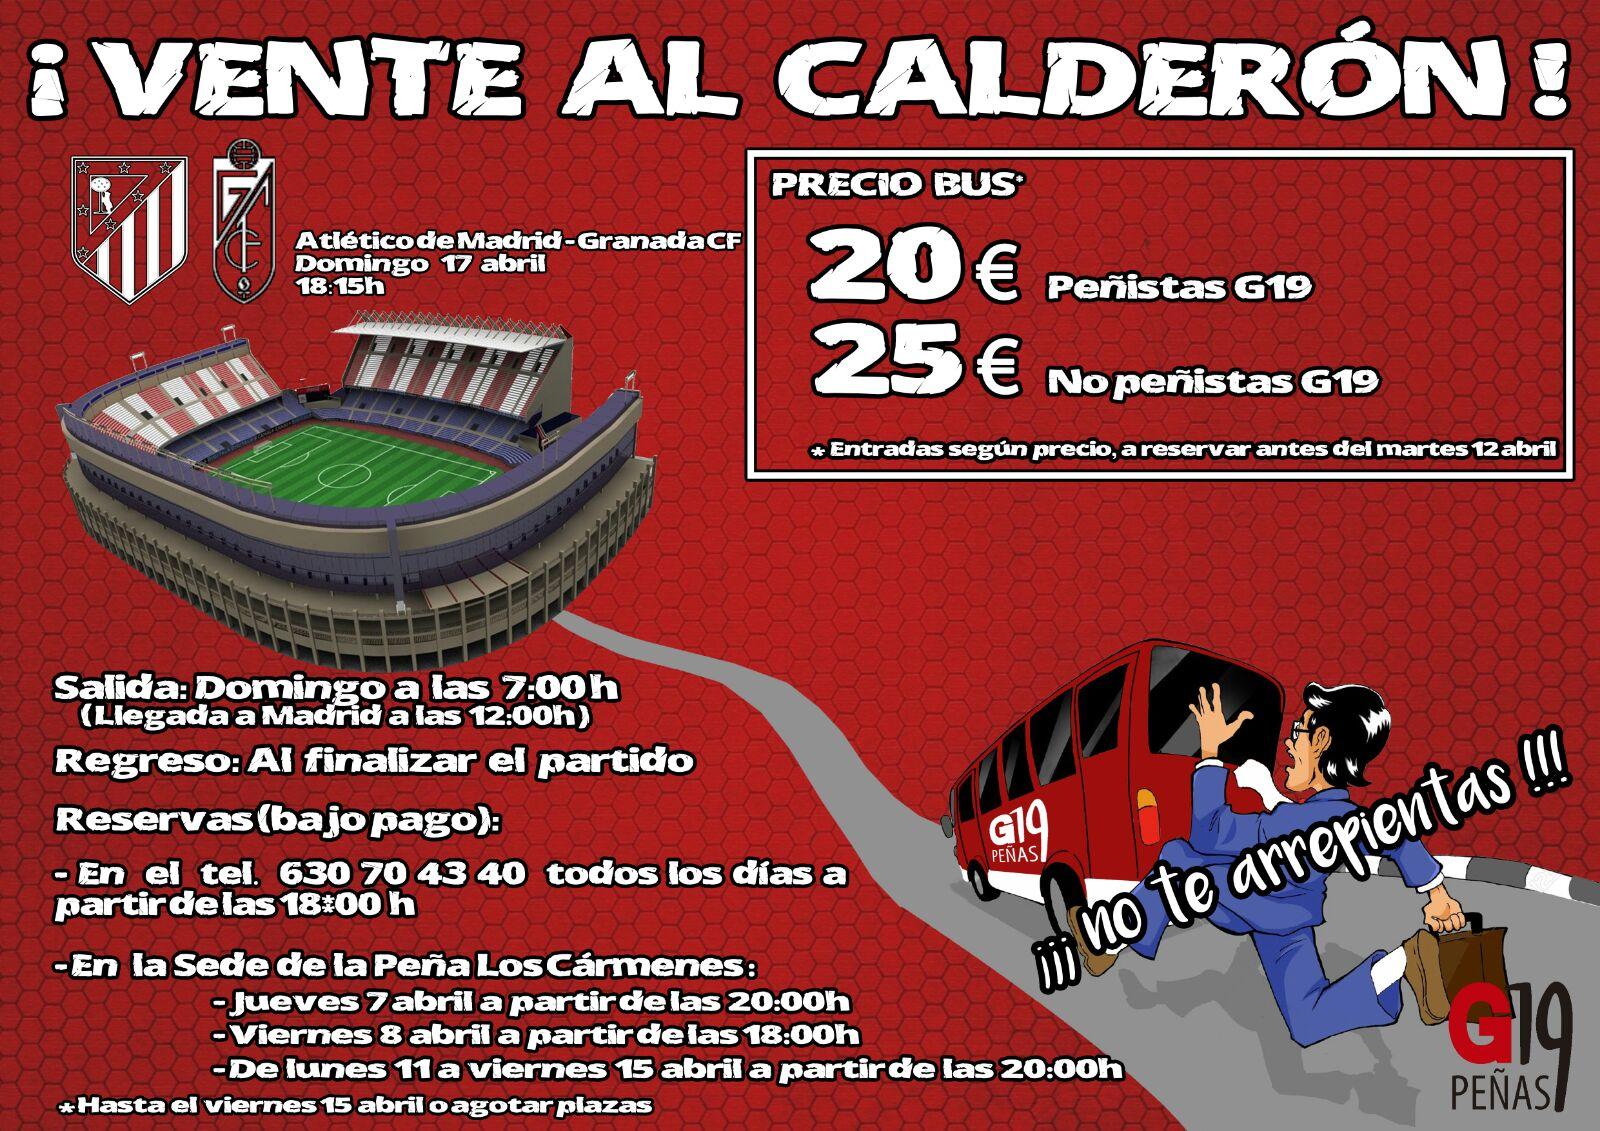 Viaje al Calderón - Imagen: G19